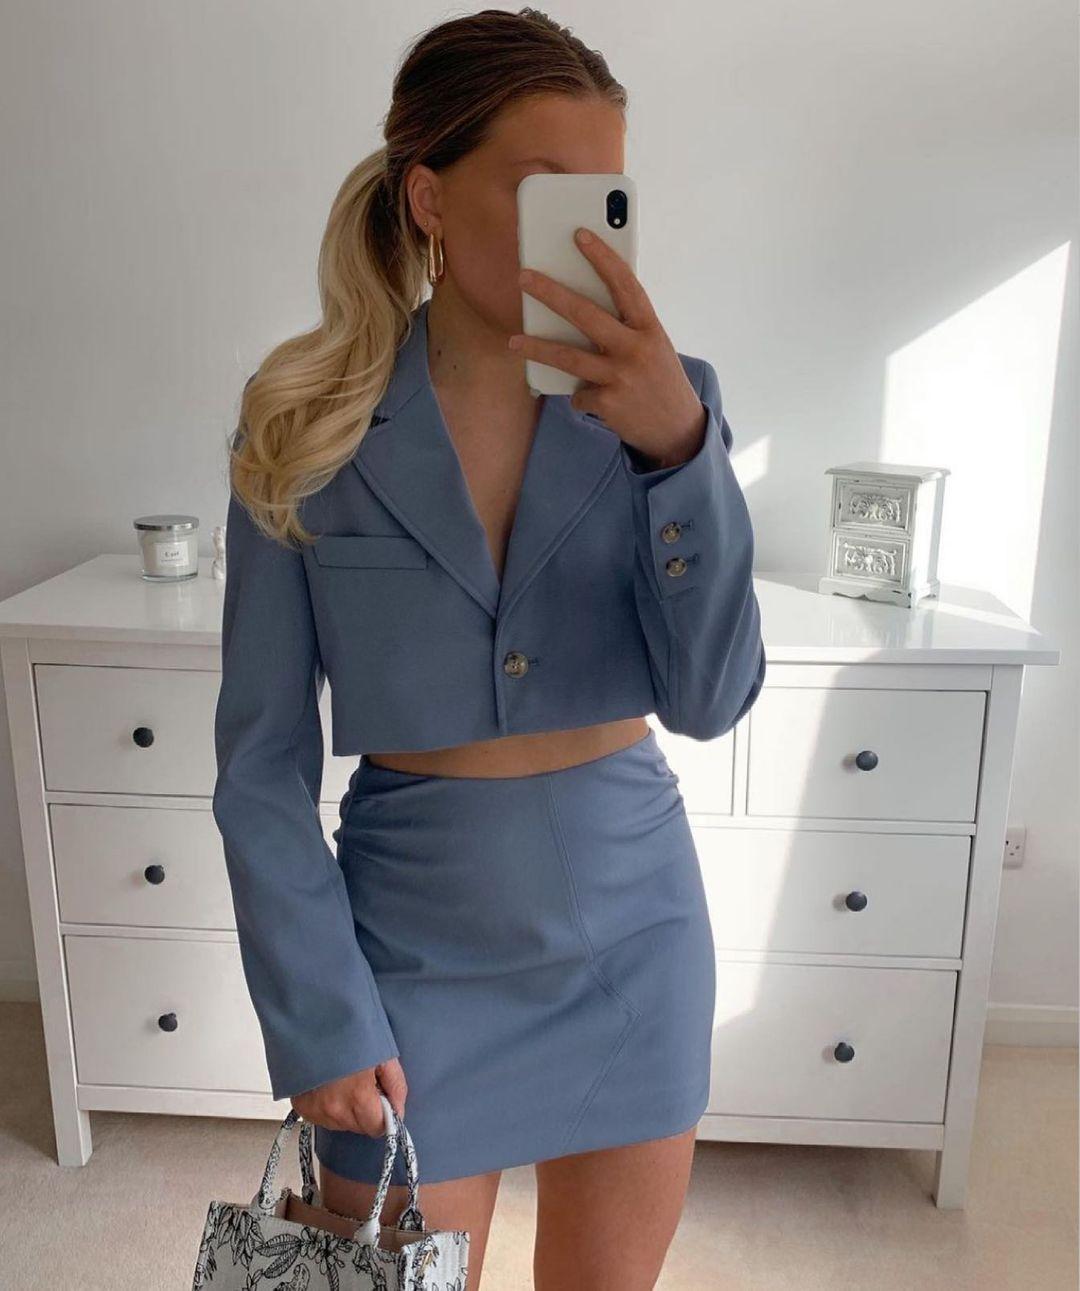 cropped blazer with stitching de Zara sur zara.style.daily